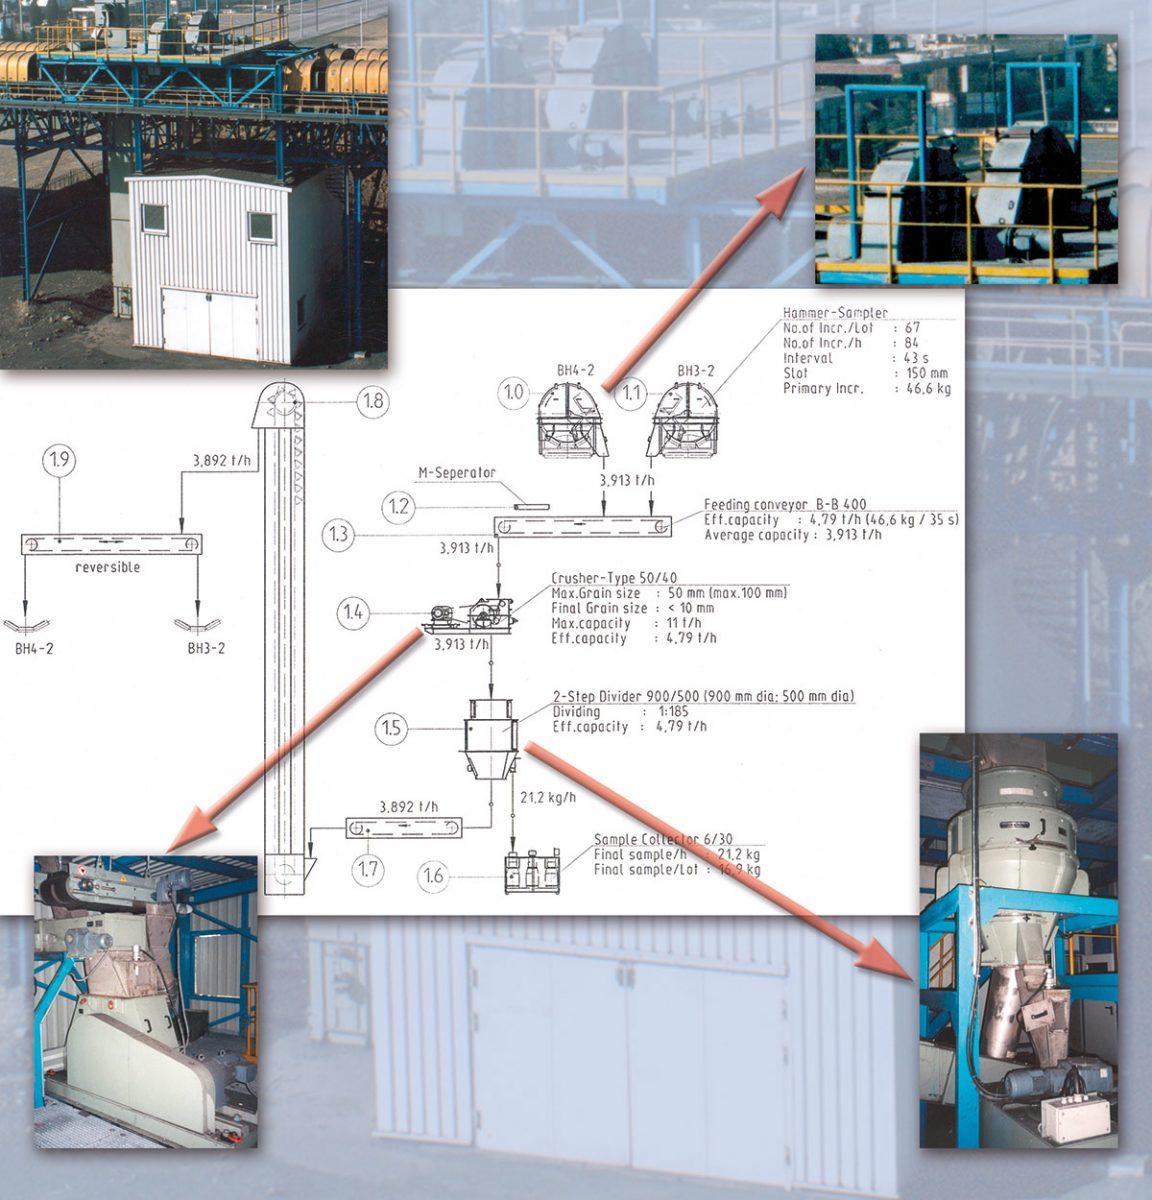 Aufbau einer automatischen Probenahme mit Aufbereitungsanlage für Kohle inkl. Zugentladung in Qinhuangdao, China. Die Anlage besteht u.a. aus Hammerprobenehmern, Brechern und Drehkreuztellerteilern